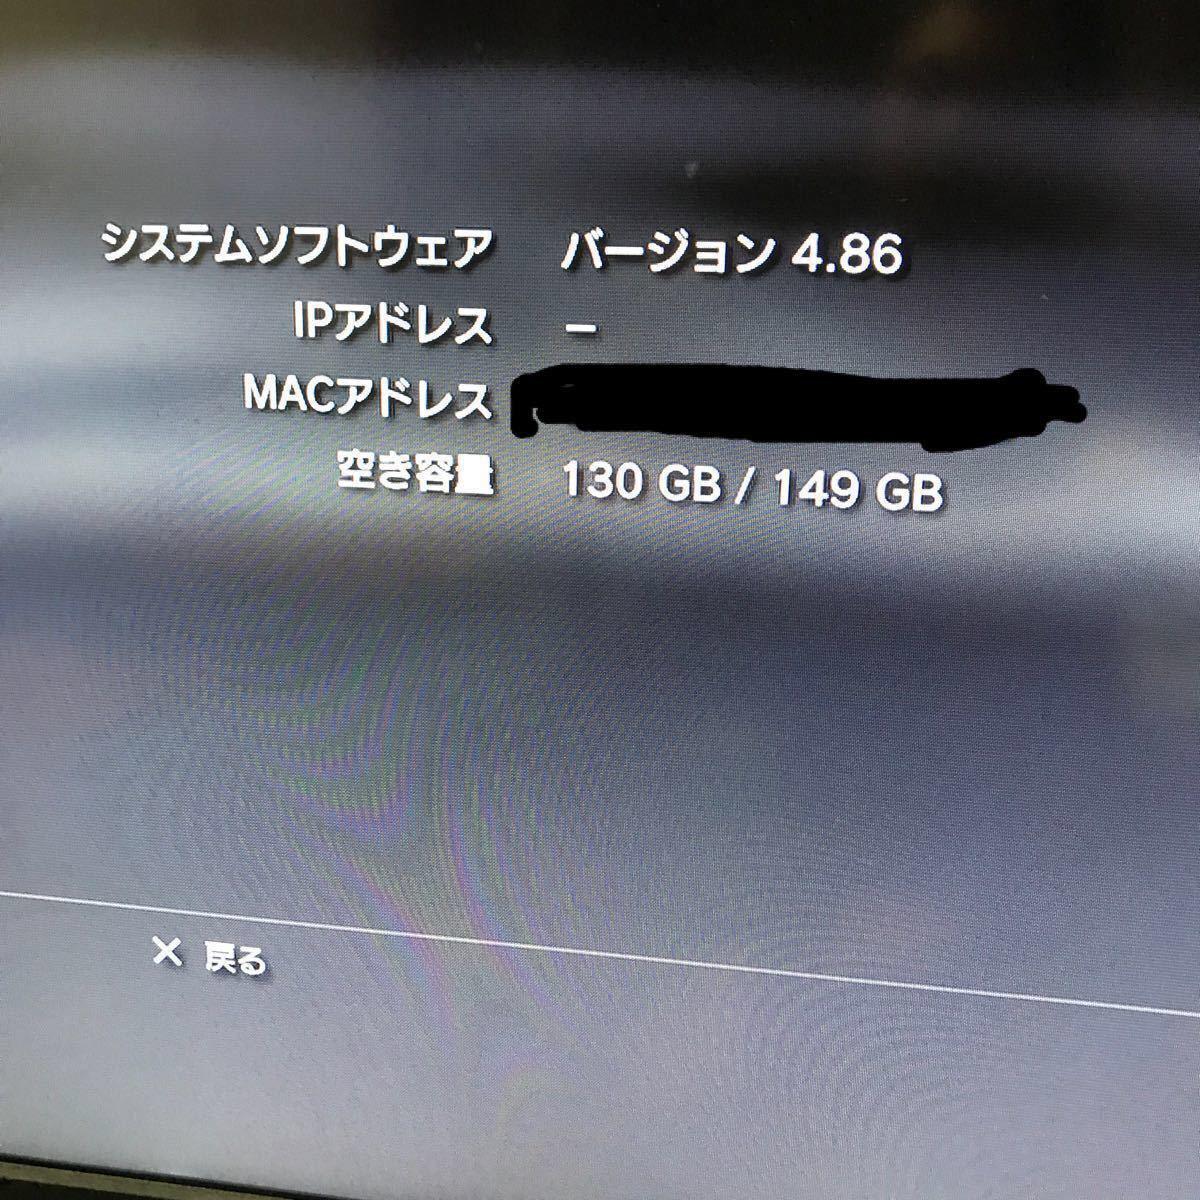 【ジャンク】PS3 CECH-A00 60GB(160GBに交換)